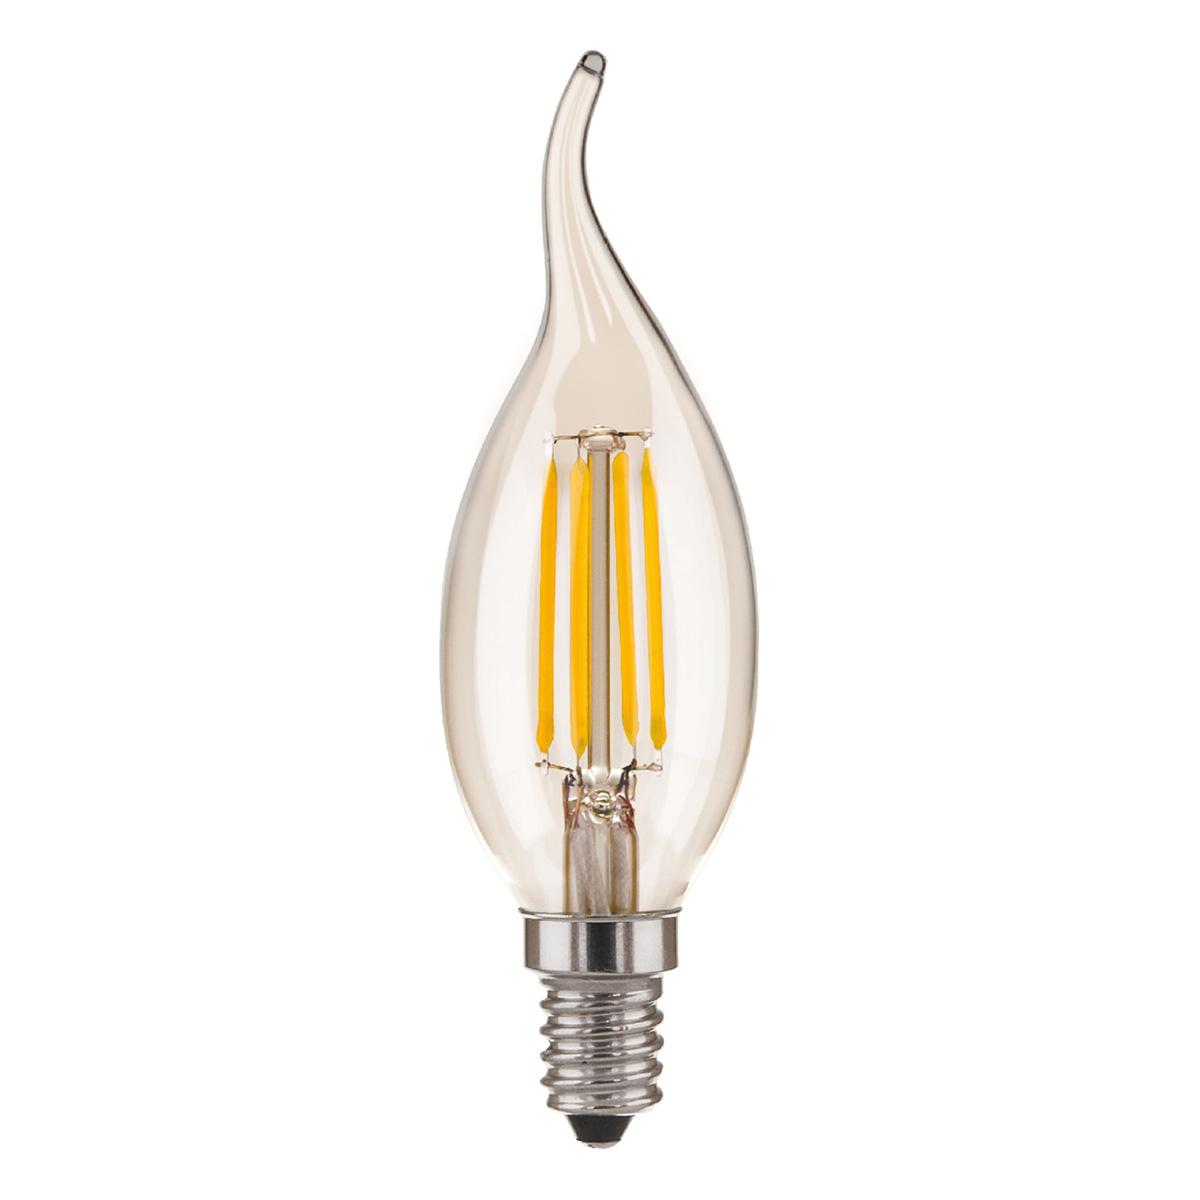 Лампы LED - Свеча на ветру BL120 6W 4200K E14